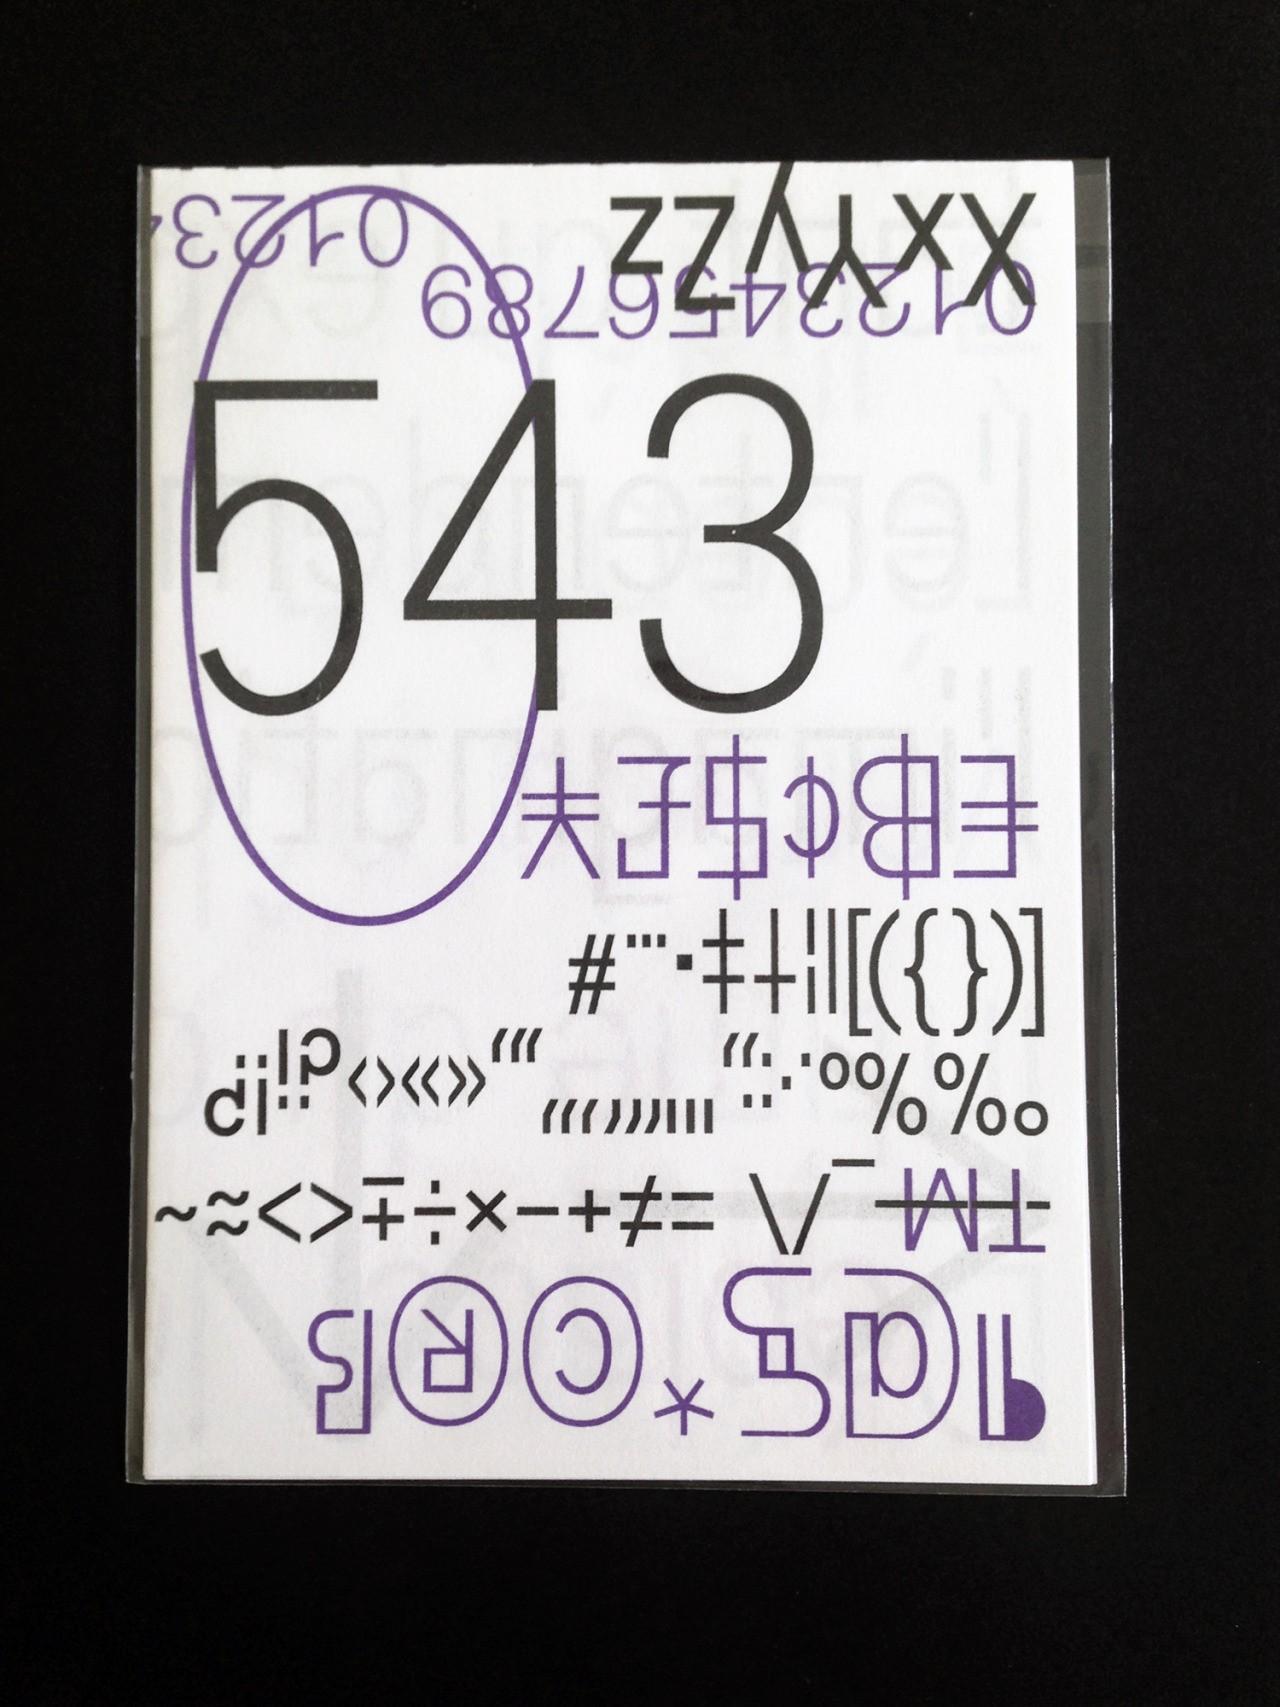 f741fb391be5e6547febea745d0c920411a22834.jpg